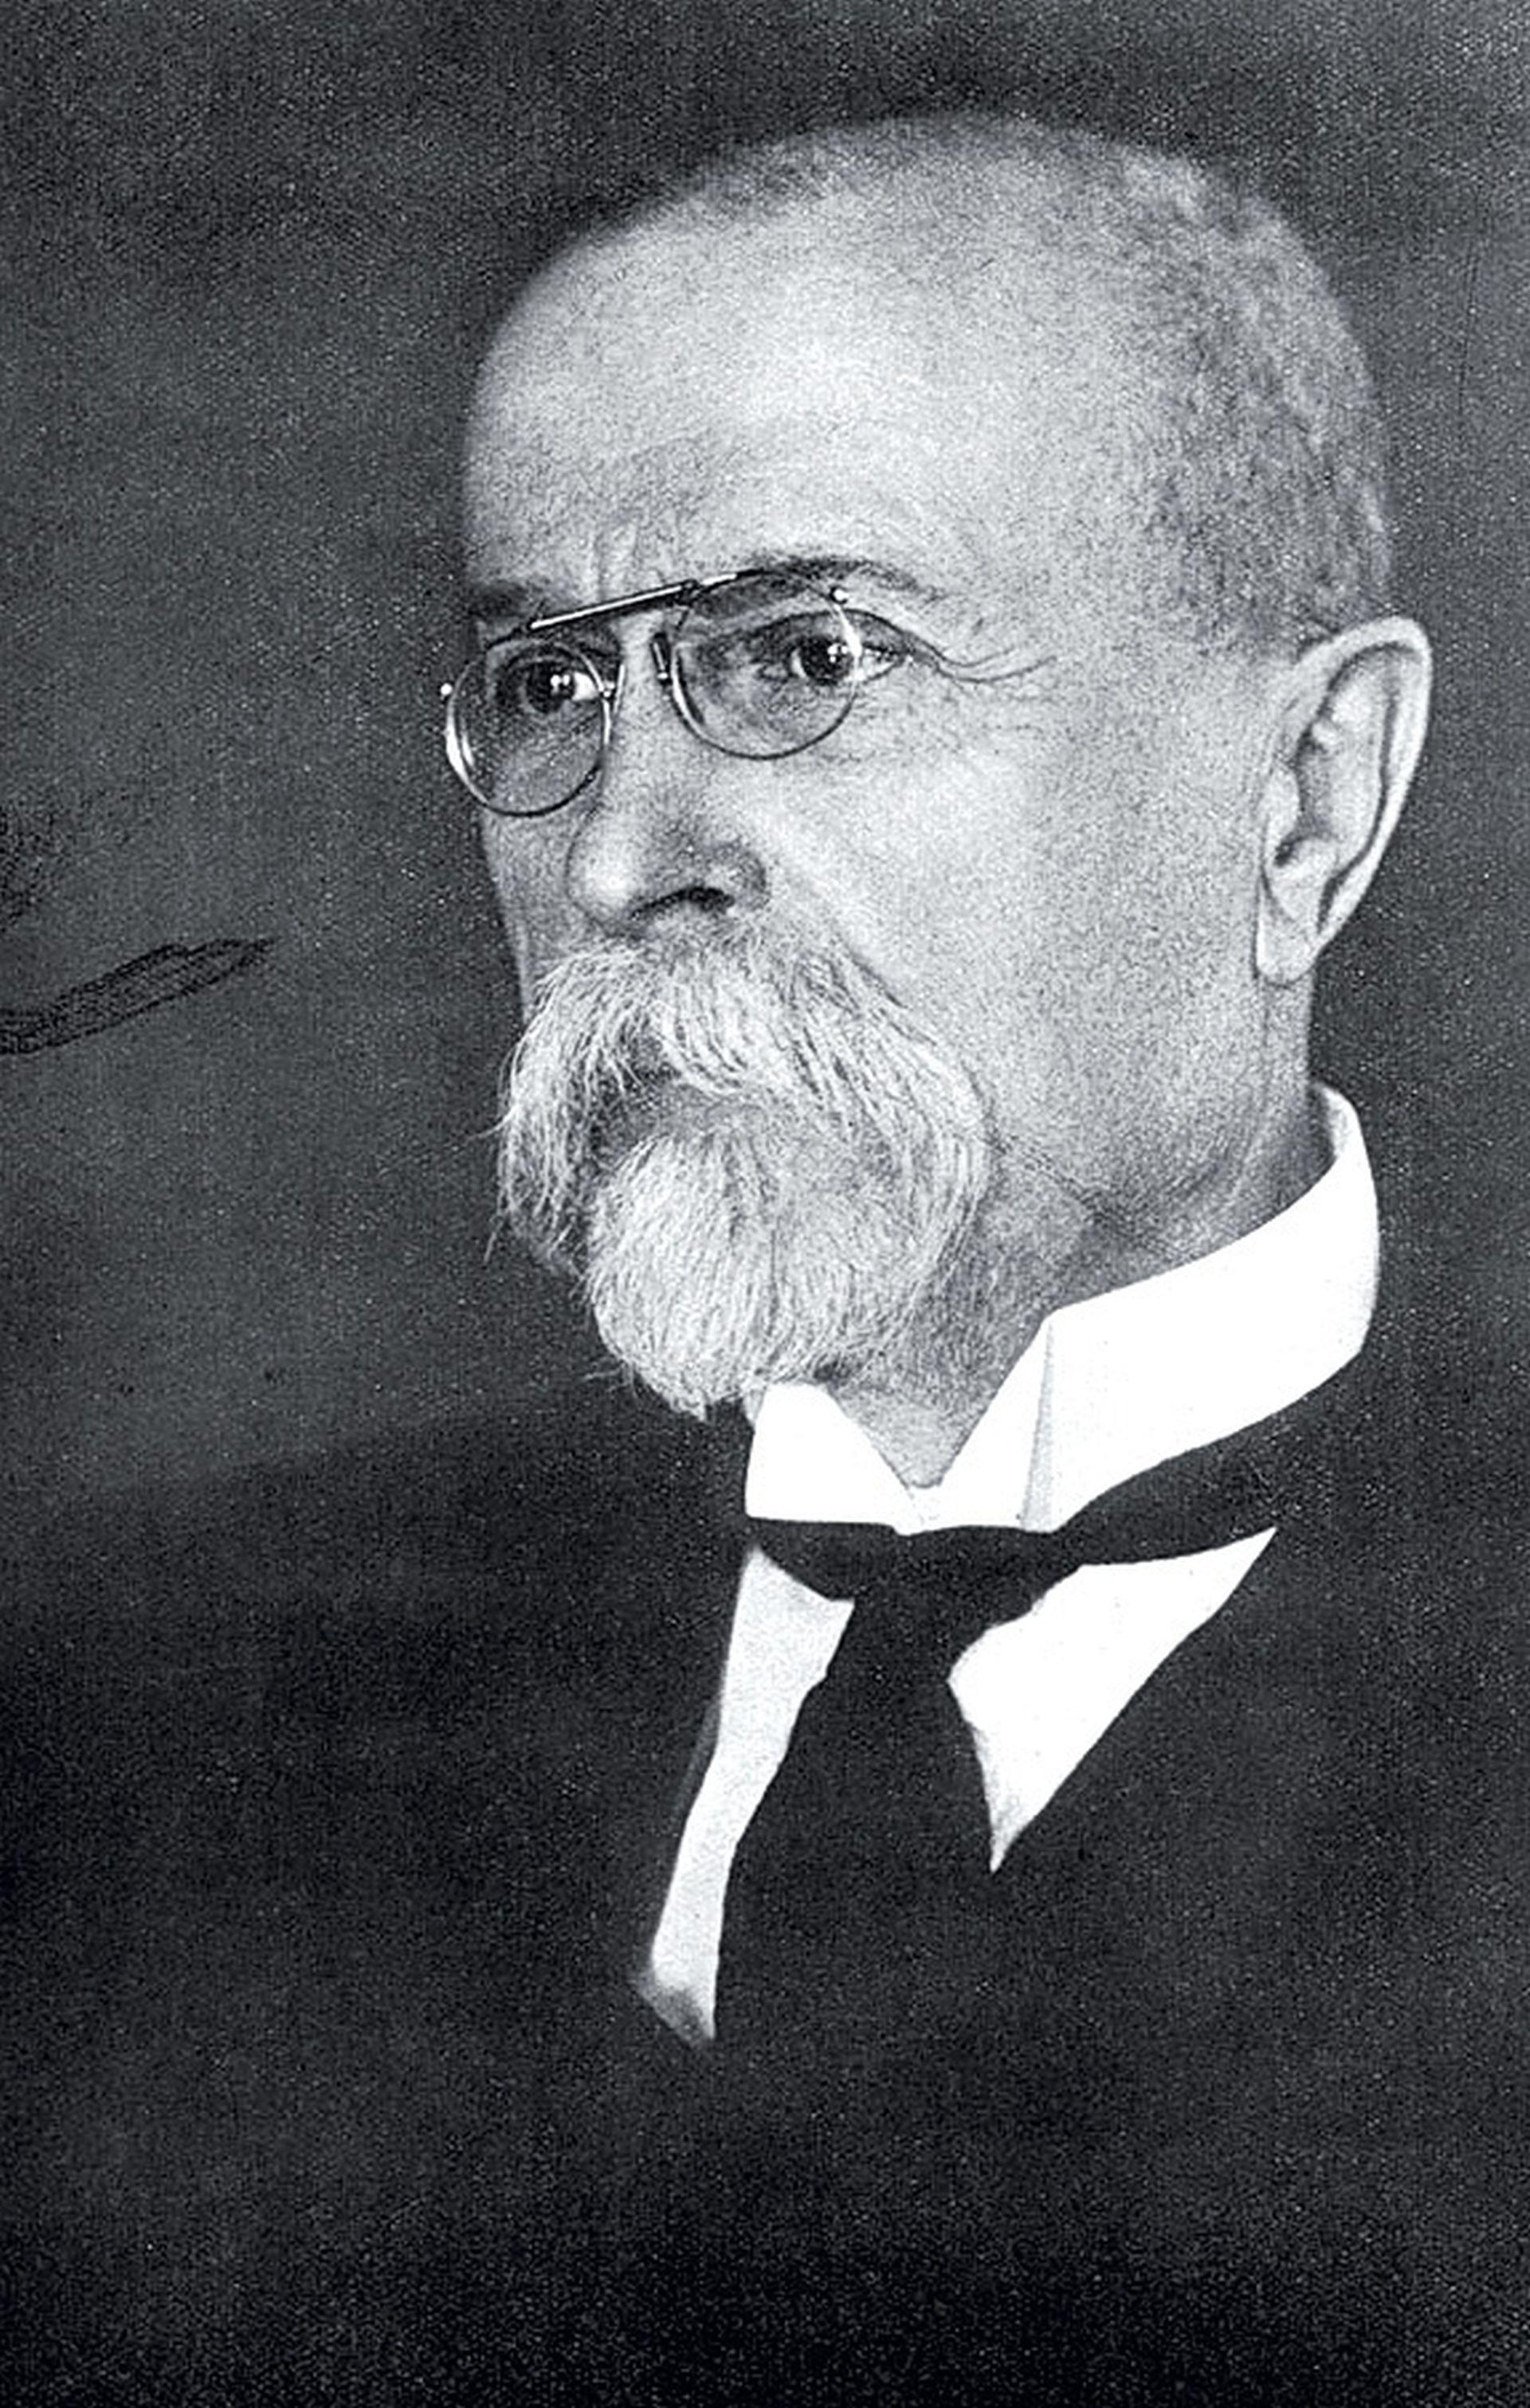 FELJTON Tomáš Masaryk apostol demokracije